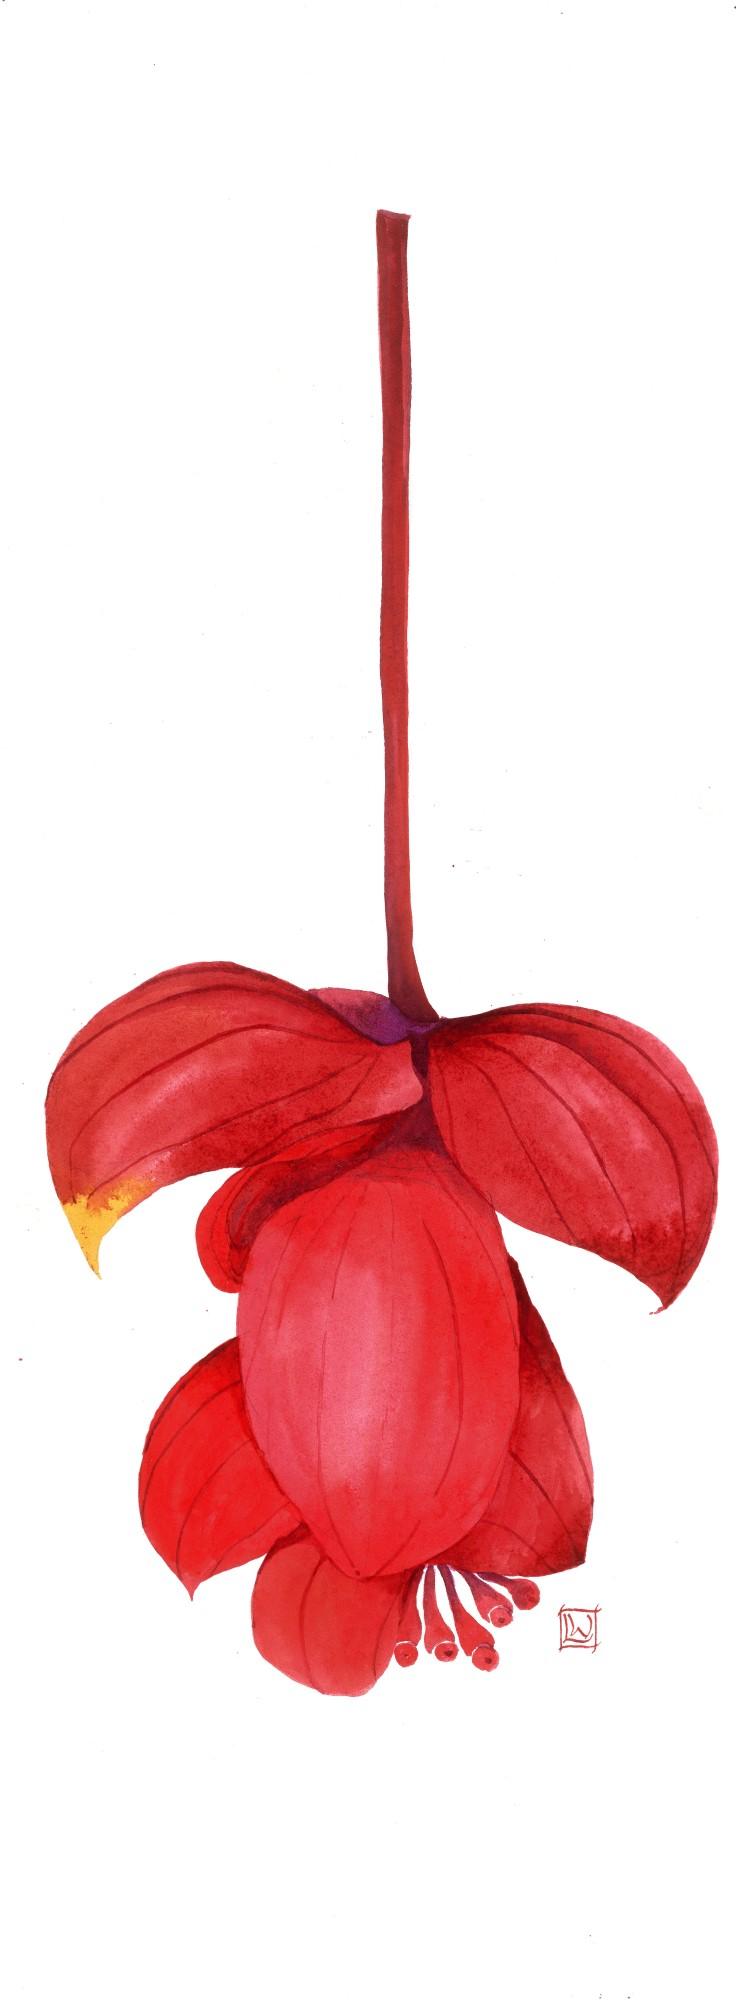 Medinilla magnifica III.jpg